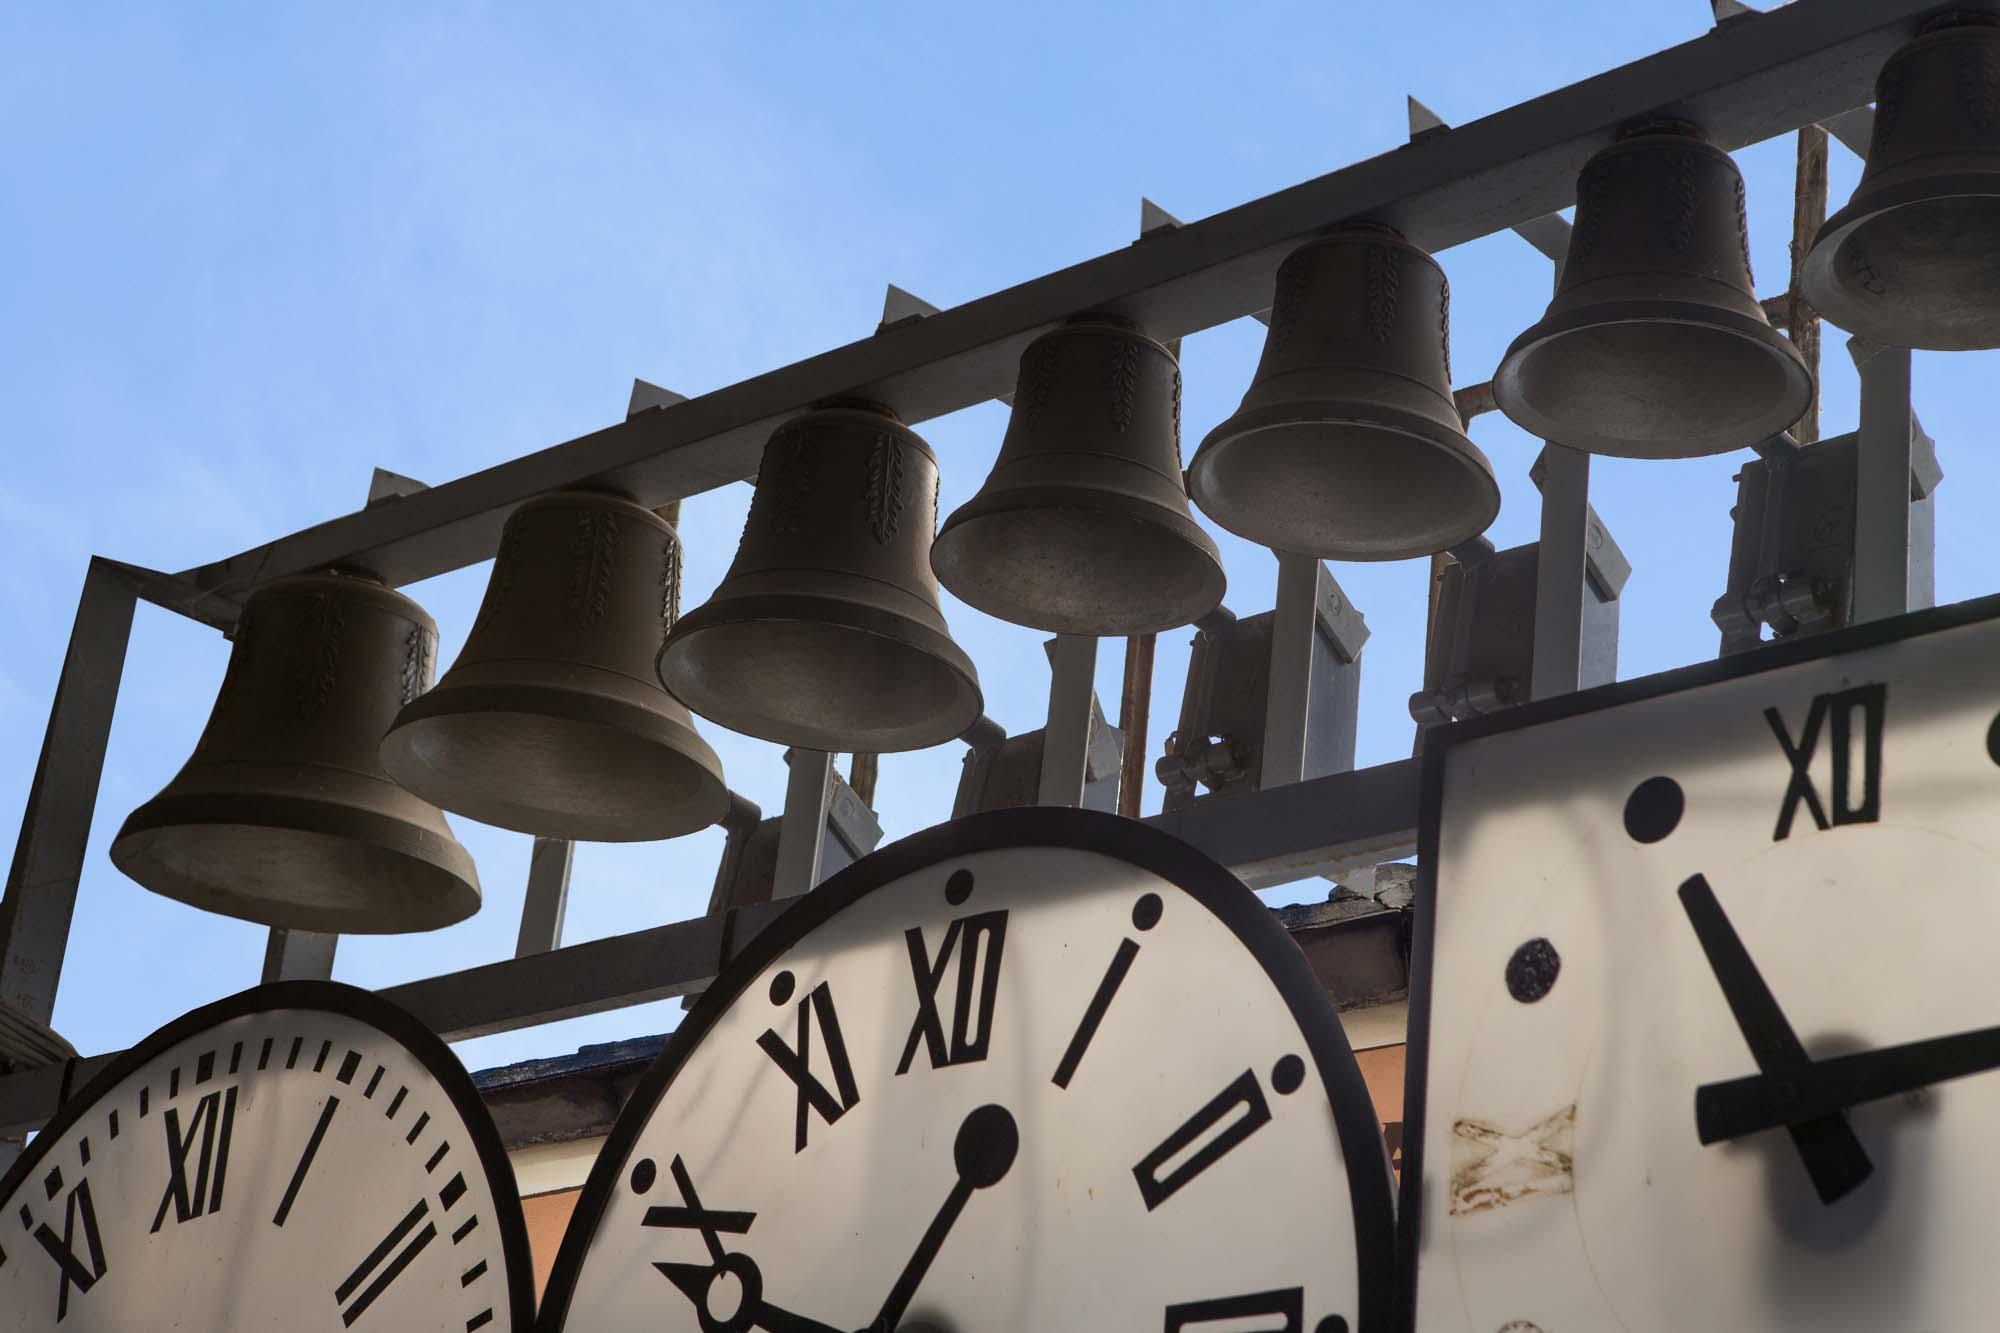 carillon-campane-trebino-1